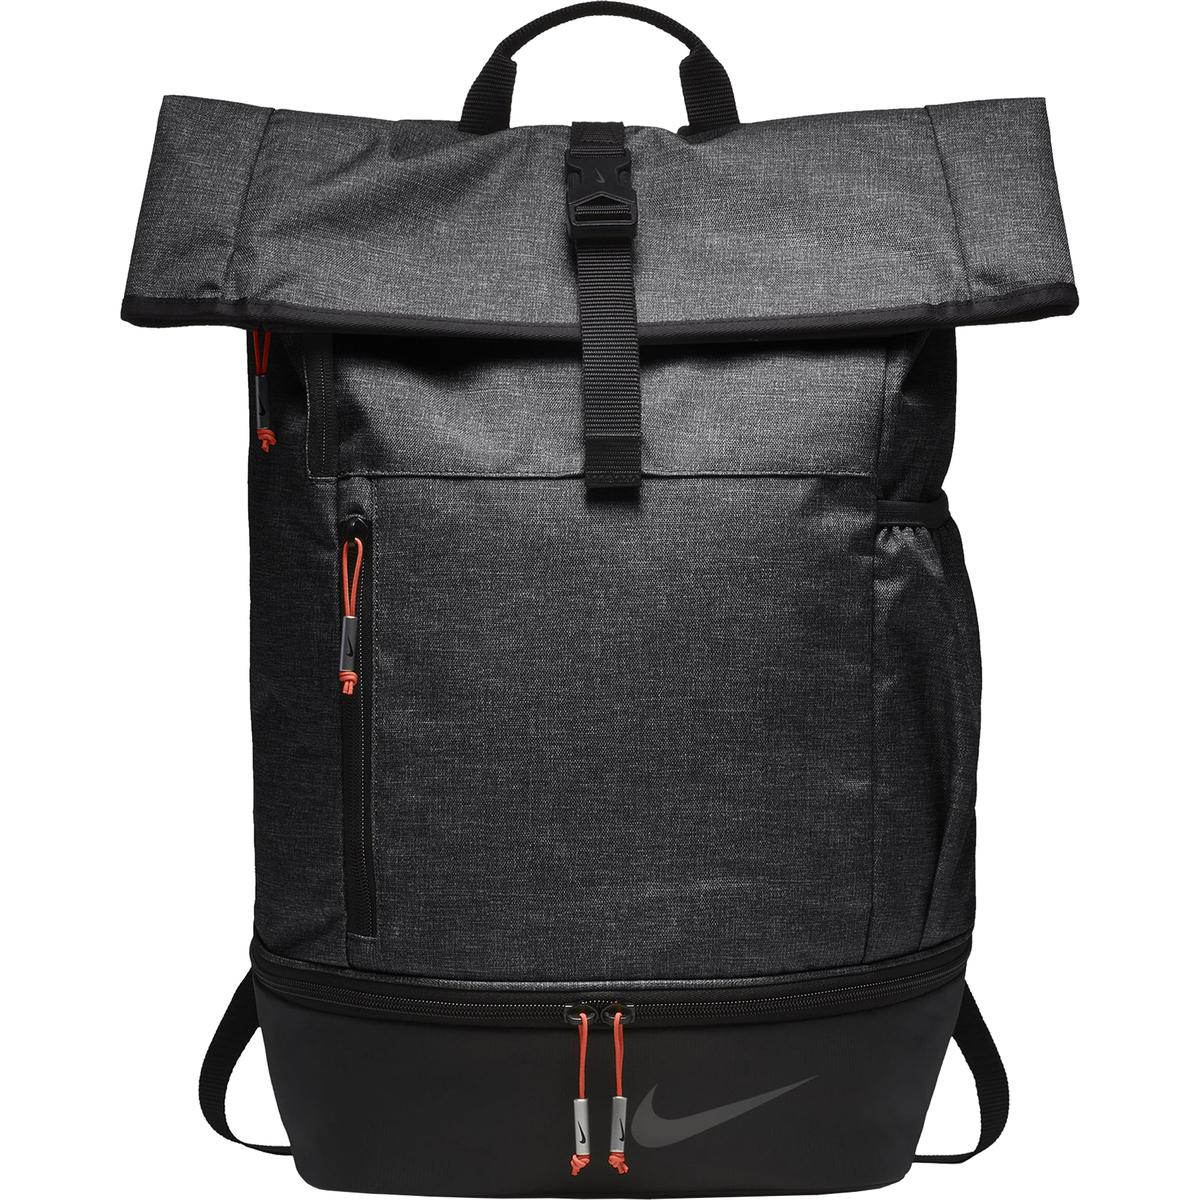 940c9ba529757c Nike Sport Backpack - Black - 76496   Branding Barn